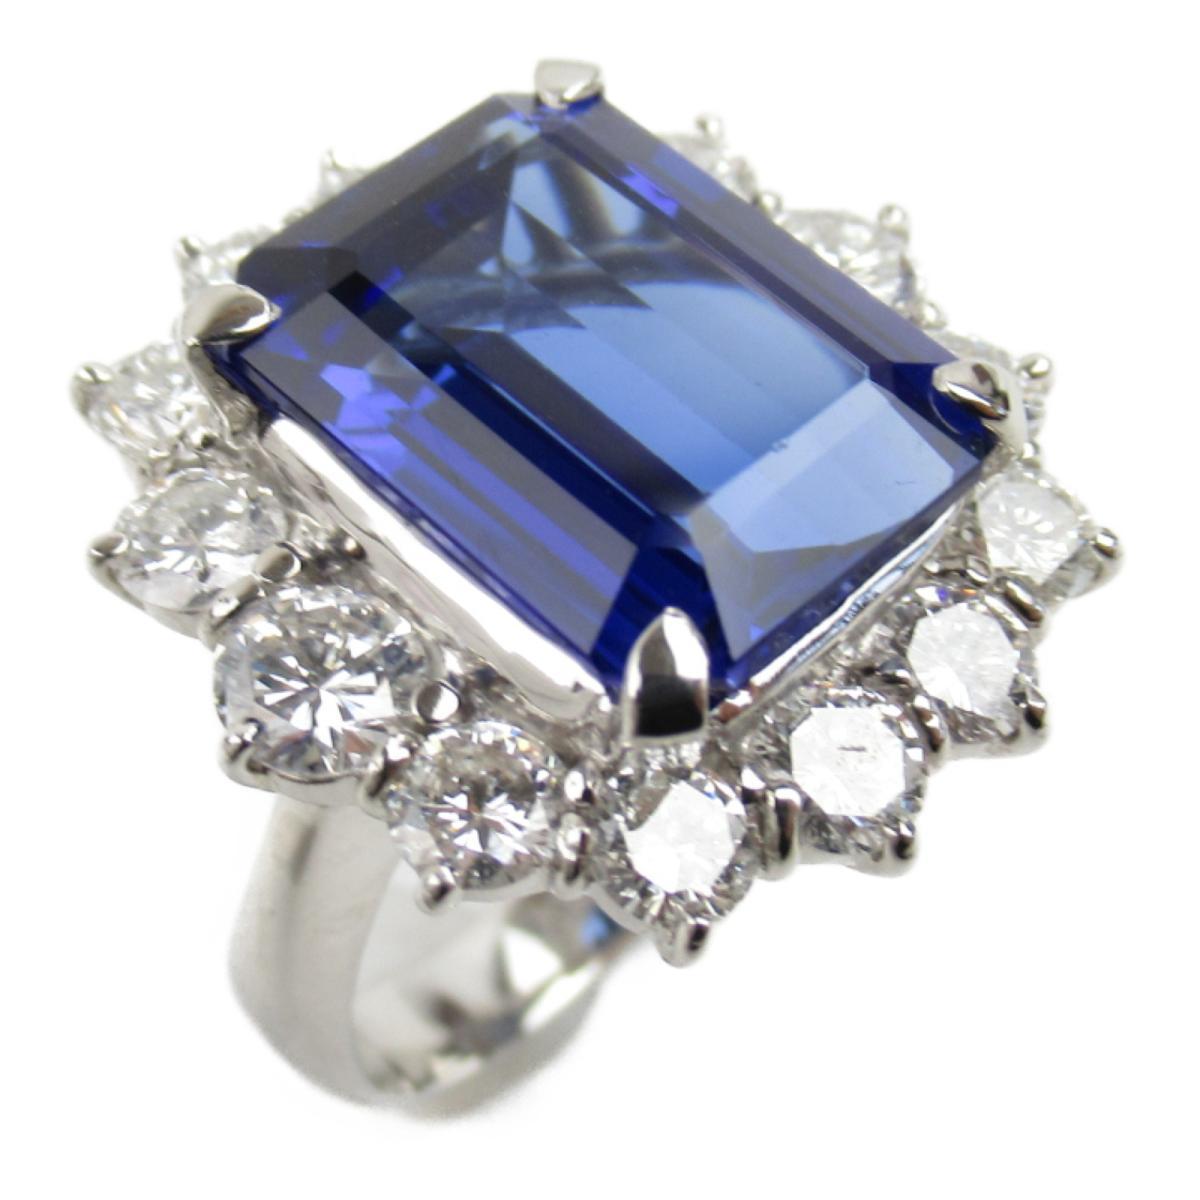 【中古】 ジュエリー タンザナイト ダイヤモンド リング 指輪 レディース PT900 プラチナ x タンザナイト10.35ct ダイヤモンド2.75ct | JEWELRY BRANDOFF ブランドオフ ブランド アクセサリー